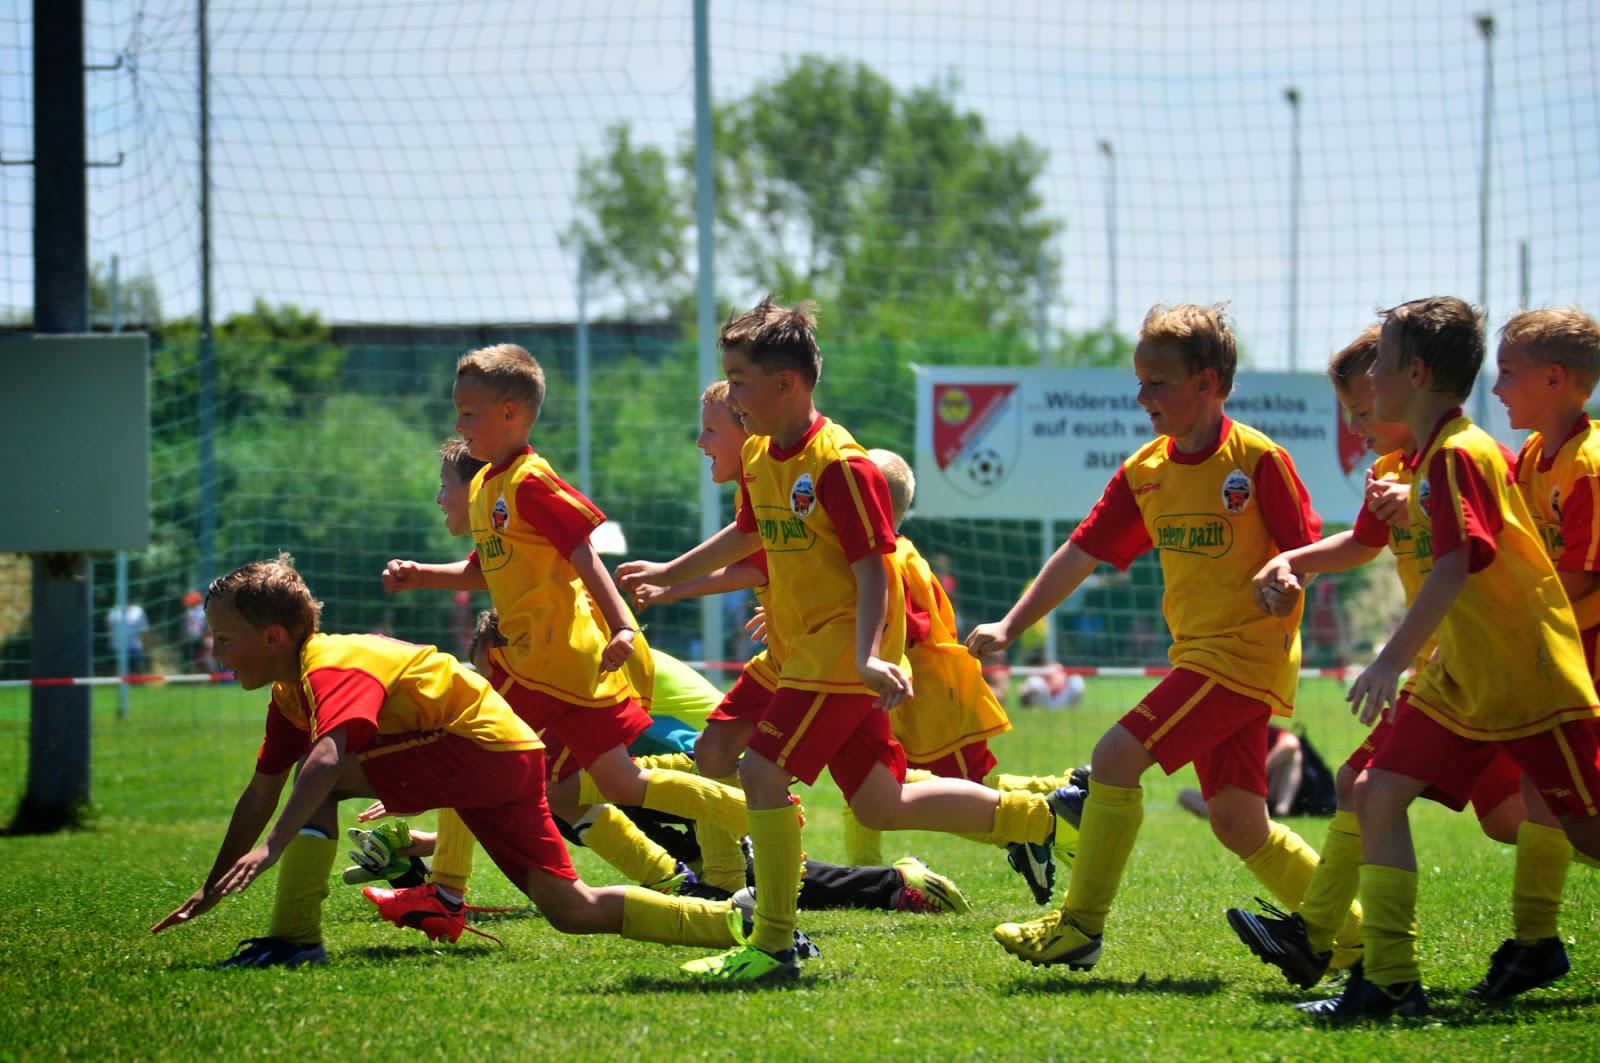 Mladší přípravka si dovezla bronzové medaile z velkého mezinárodního turnaje Danube Chalange Cup 2014, který se odehrál v Rakousku.